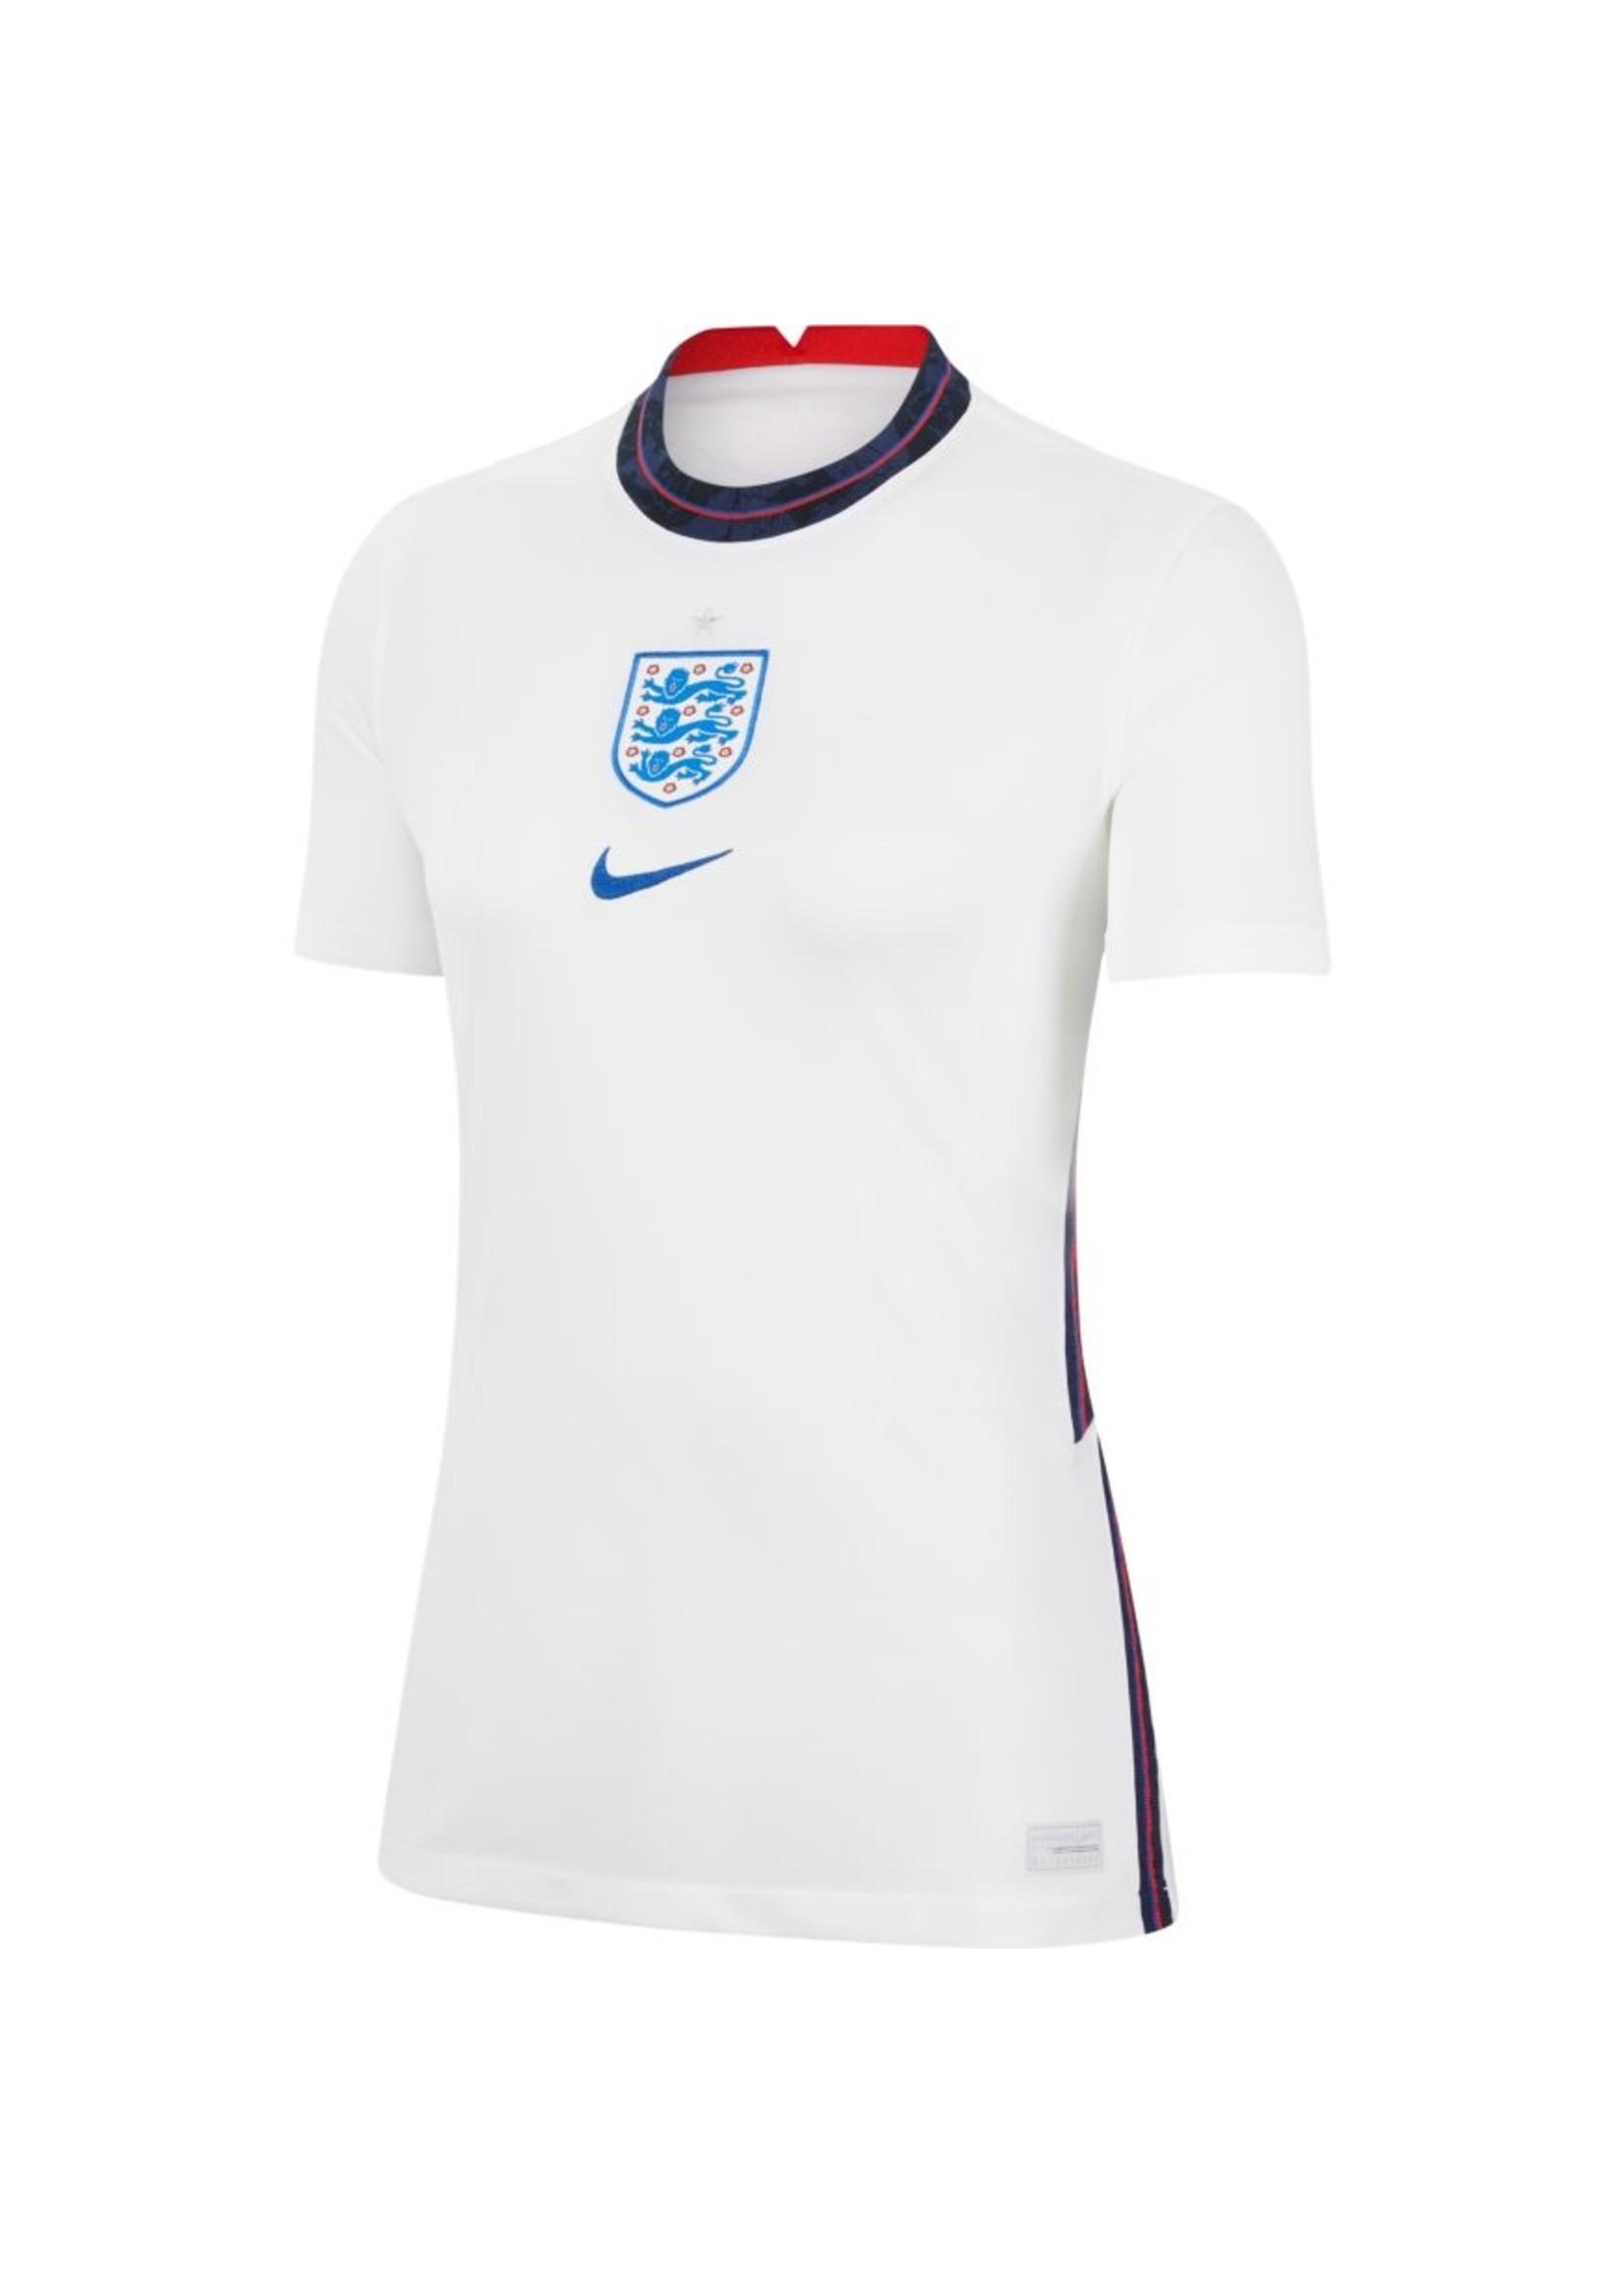 Nike England 20/21 Home Jersey Womens